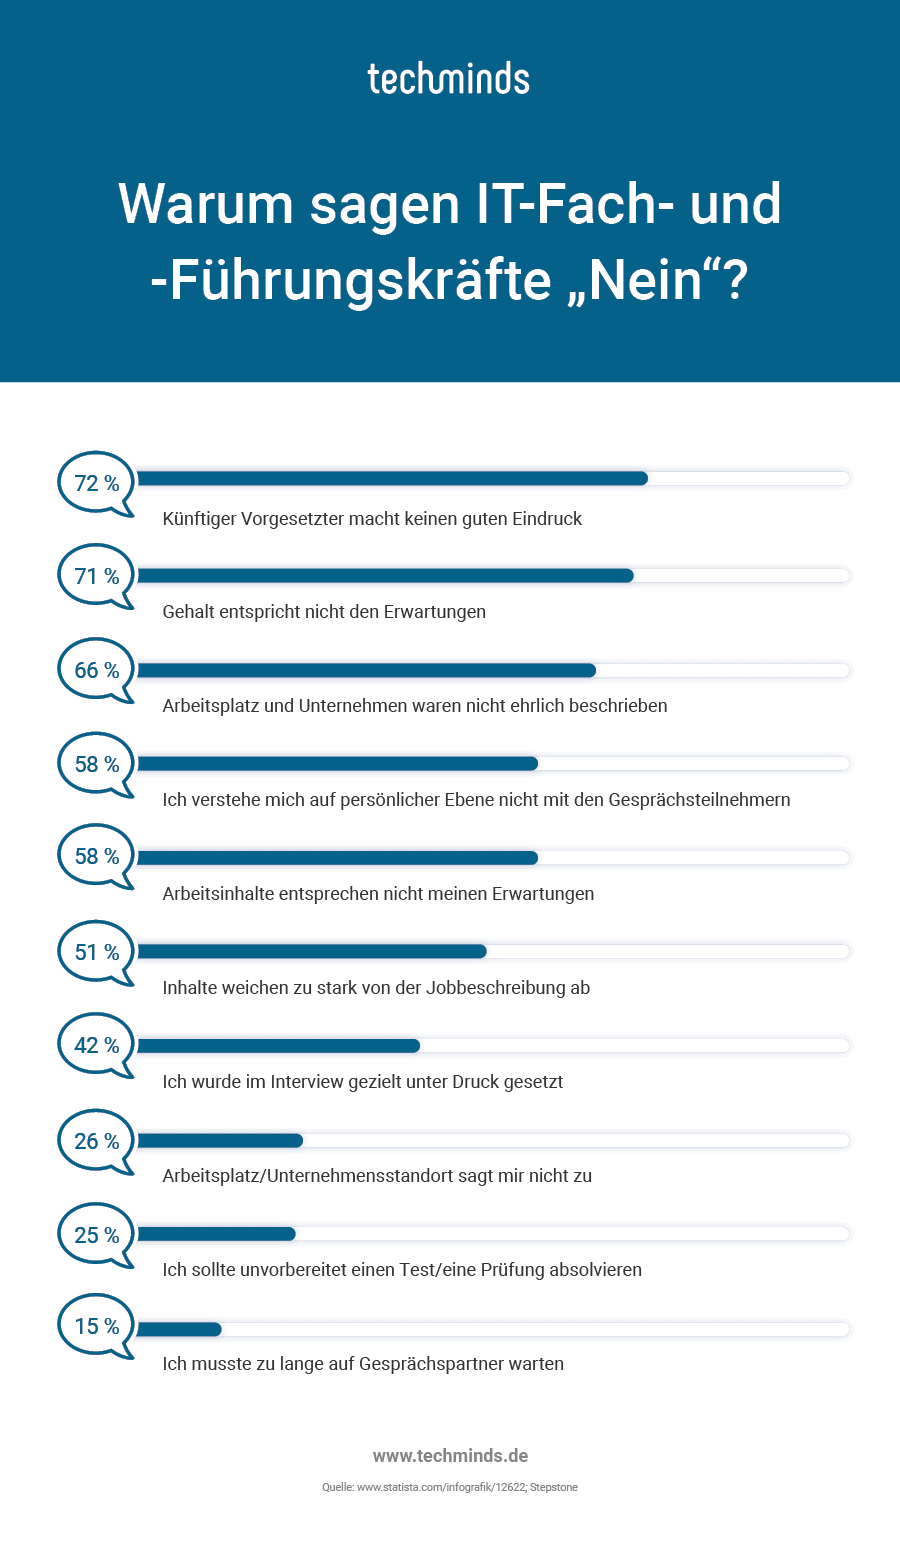 Gründe für die Ablehnung eines Stellenangebots (Quelle: techminds.de)